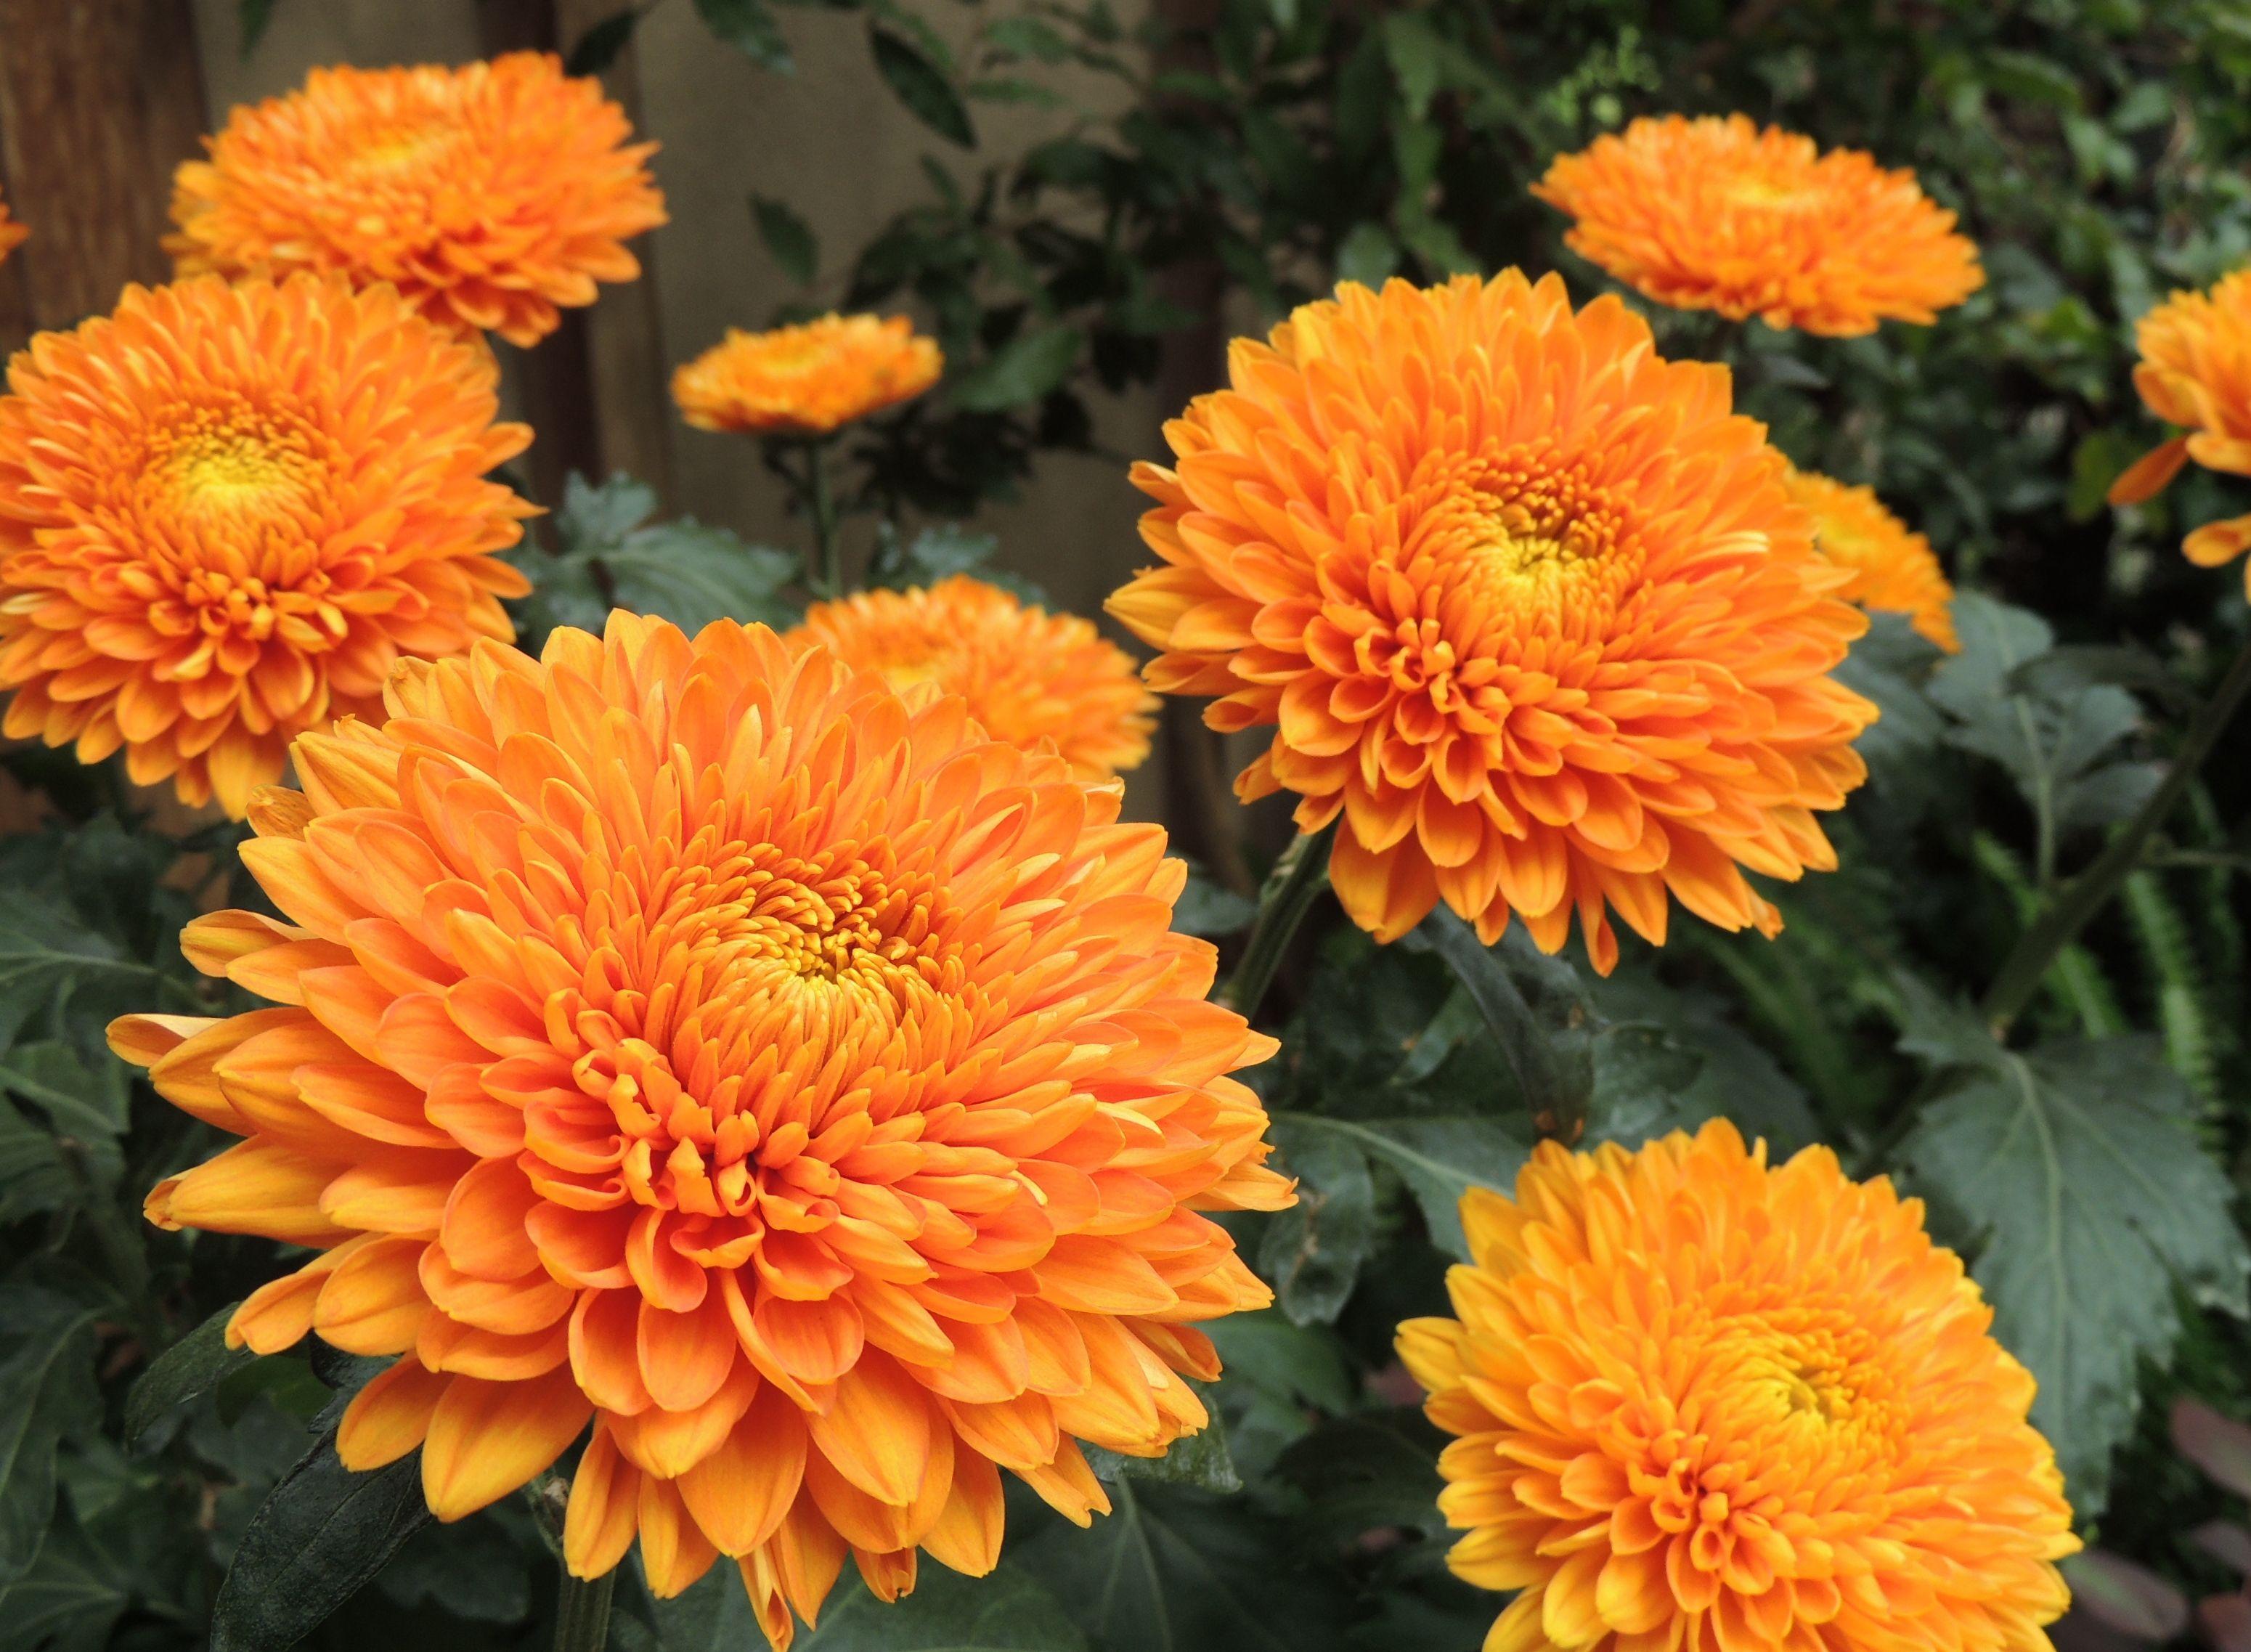 Decorative Mum Chrysanthemum X Morifolium Honeyglow Photo By Cathy Matos Longwoodgardens Garden Mum Chrysanthemum Growing Chrysanthemum